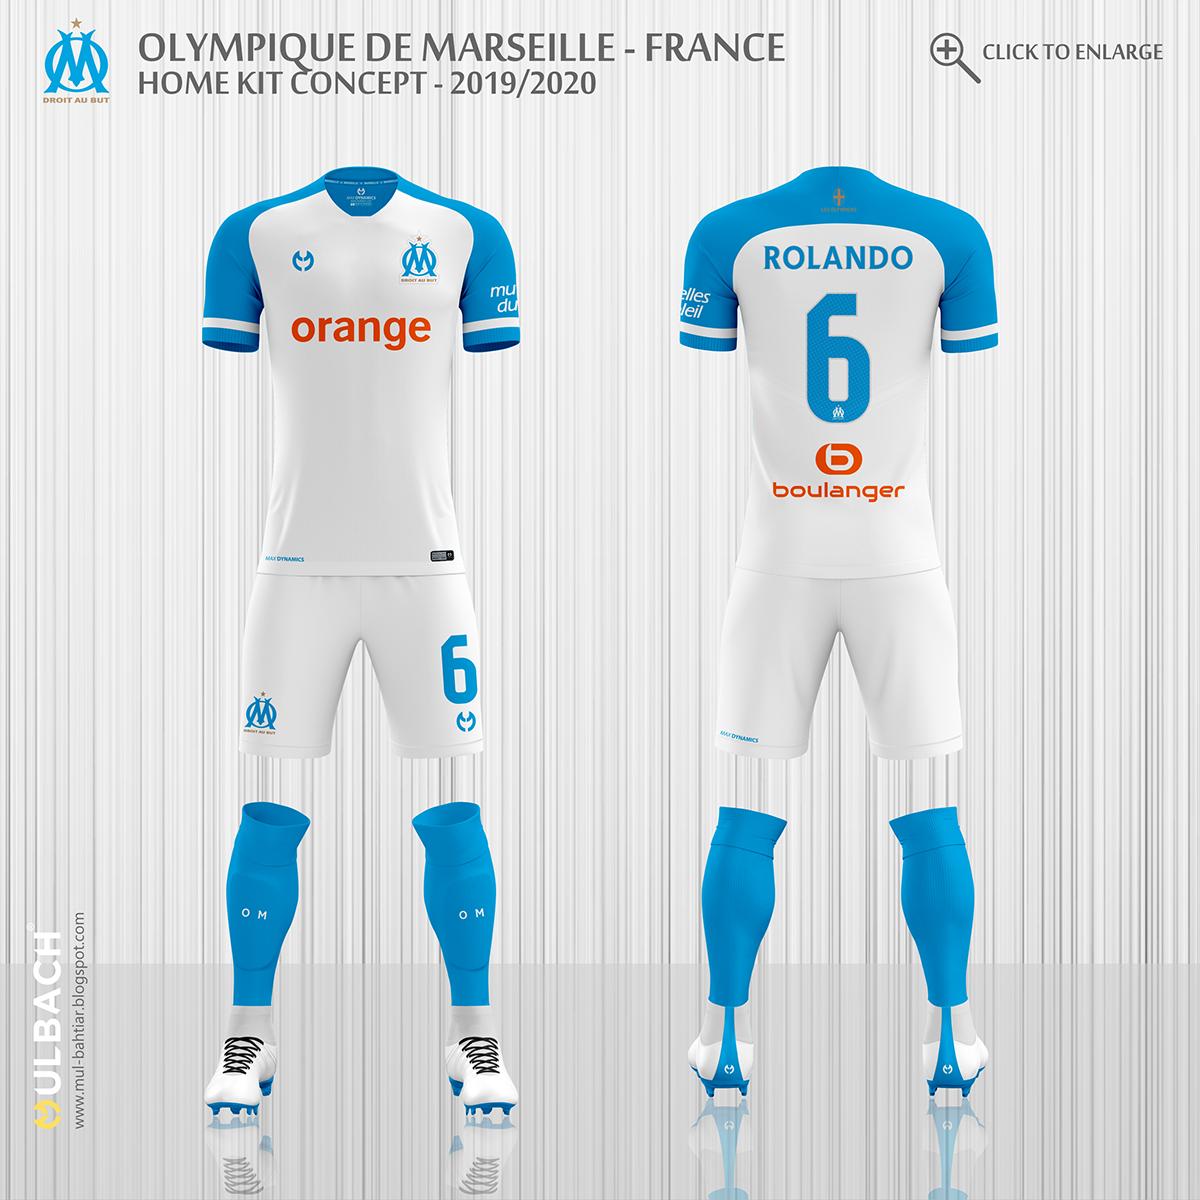 9fb57721b Olympique de Marseille 2019 2020 Kit Concept on Behance